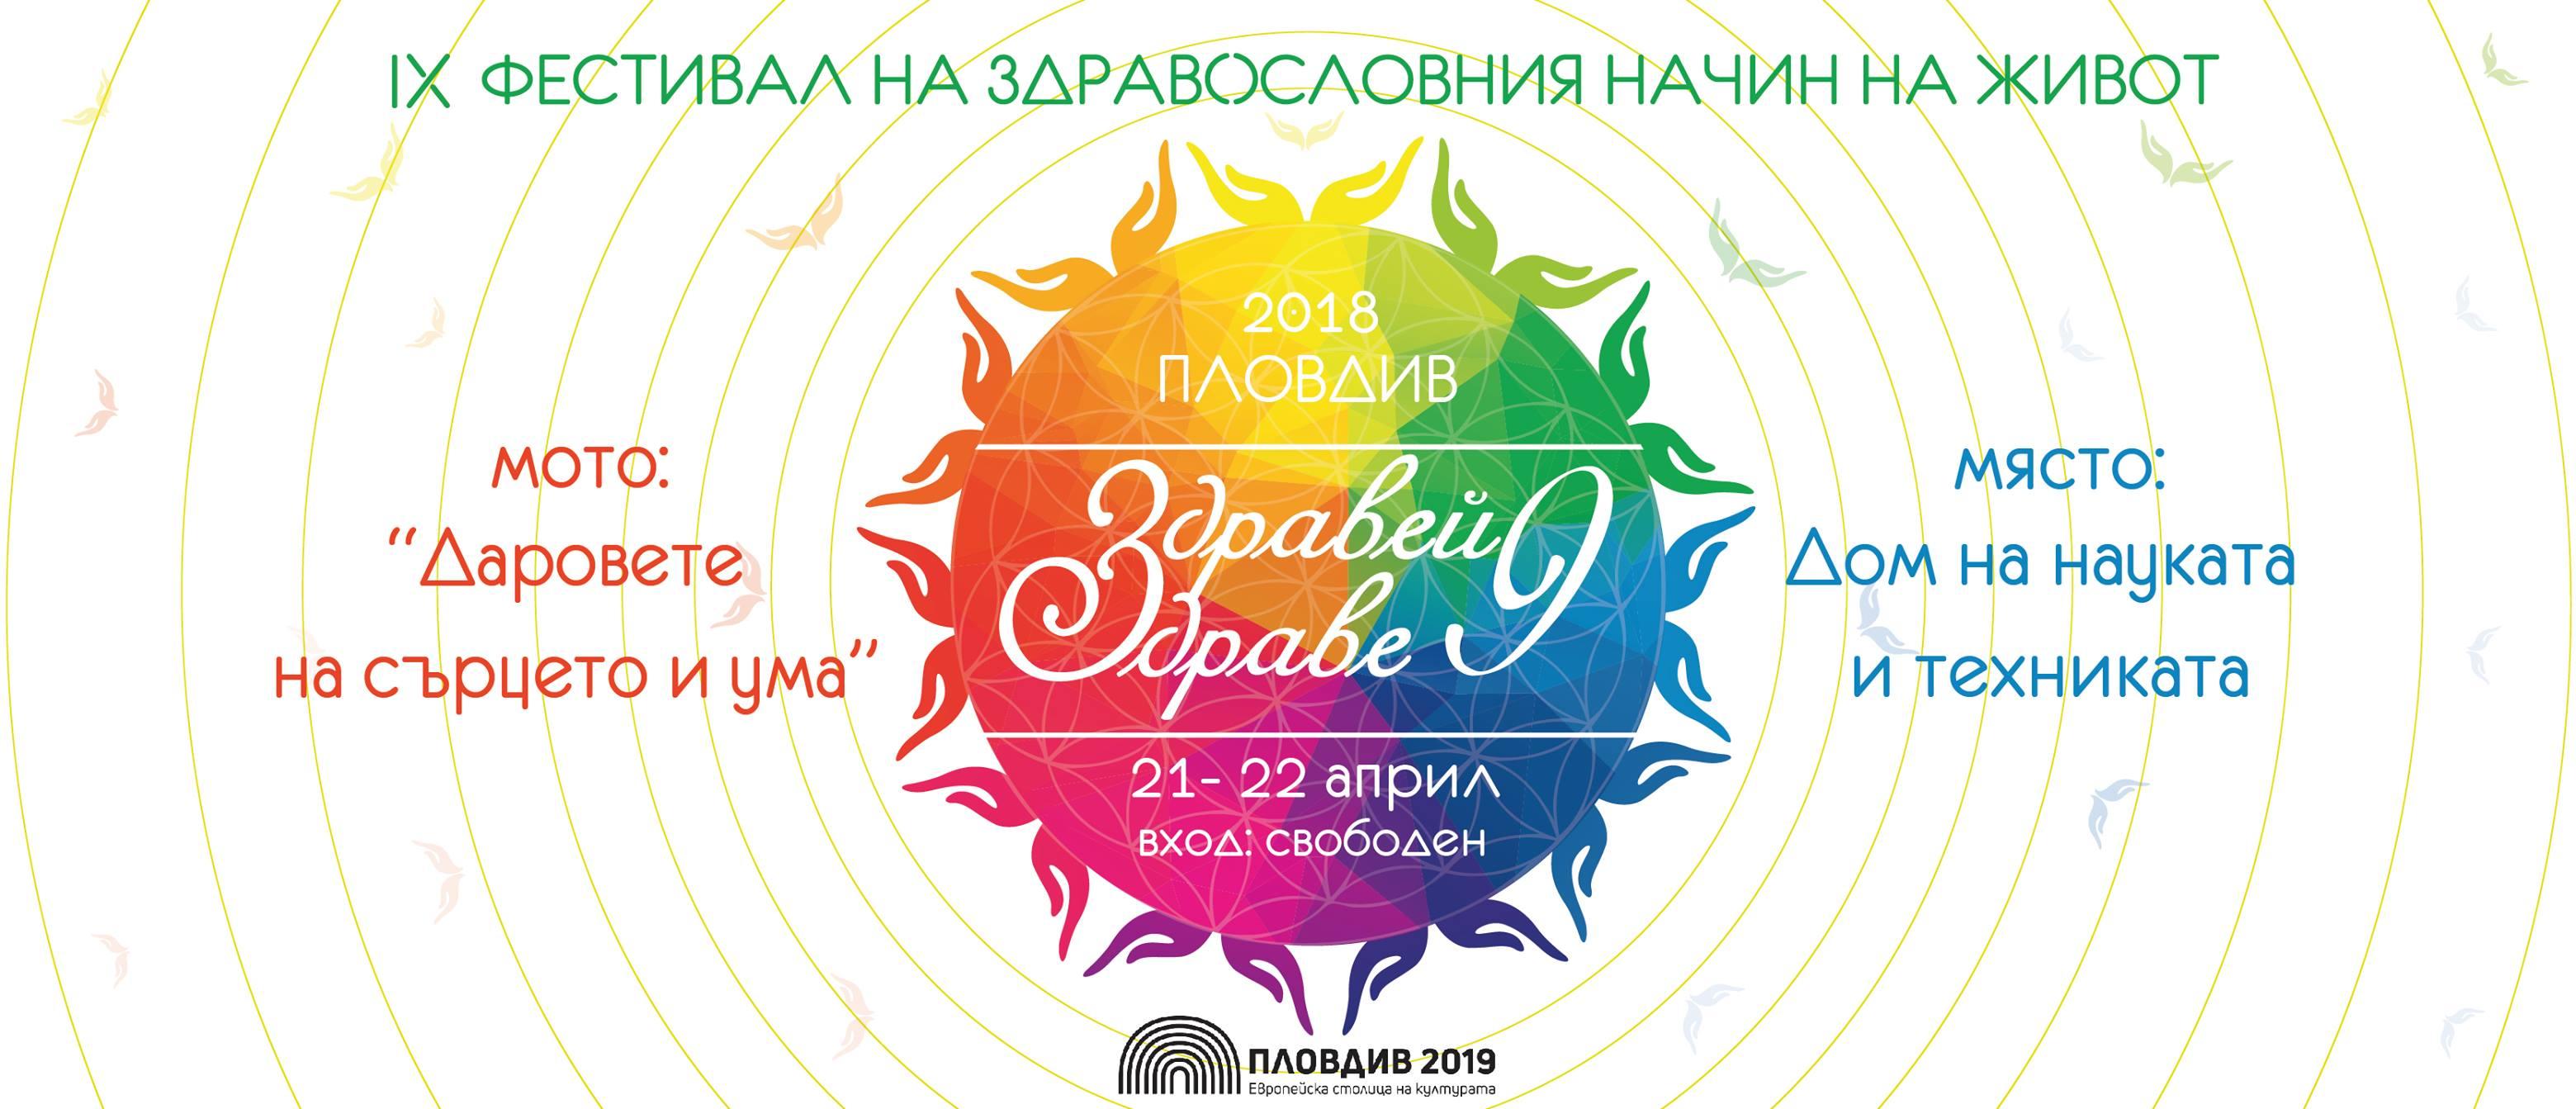 банер фейсбук с лого 2019